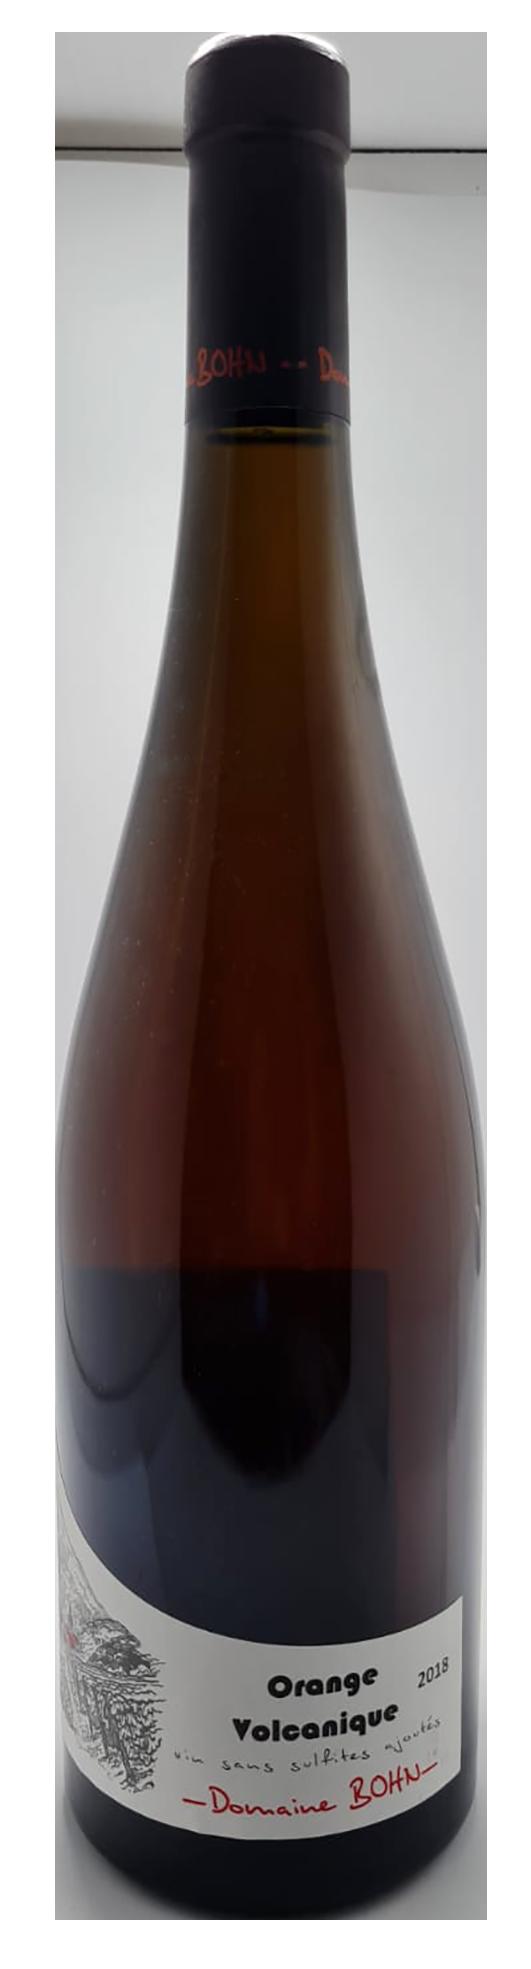 bouteille de vin blanc naturel de macération, assemblage de 4 cépages, cuvée Orange volcanique 2018, domaine Bohn, Alsace